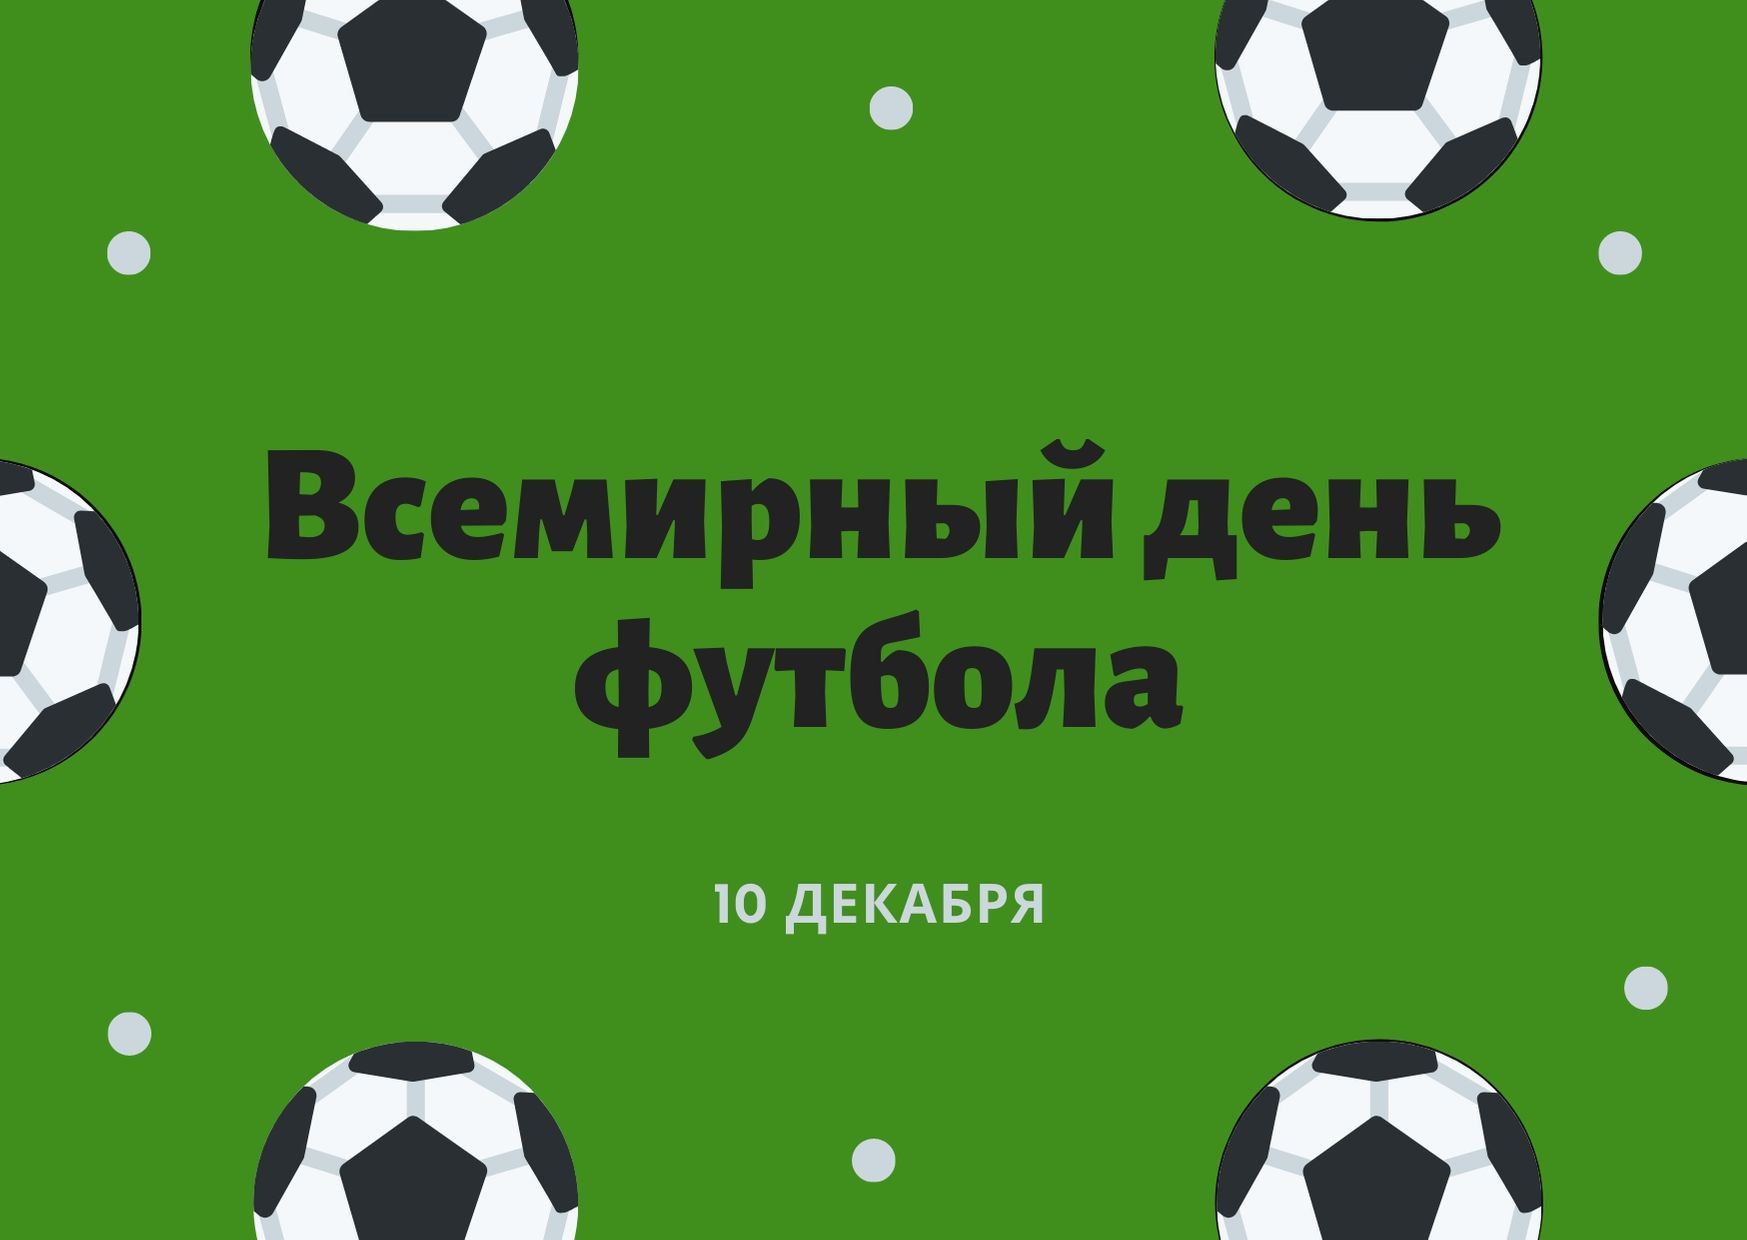 Всемирный день футбола. 10 декабря